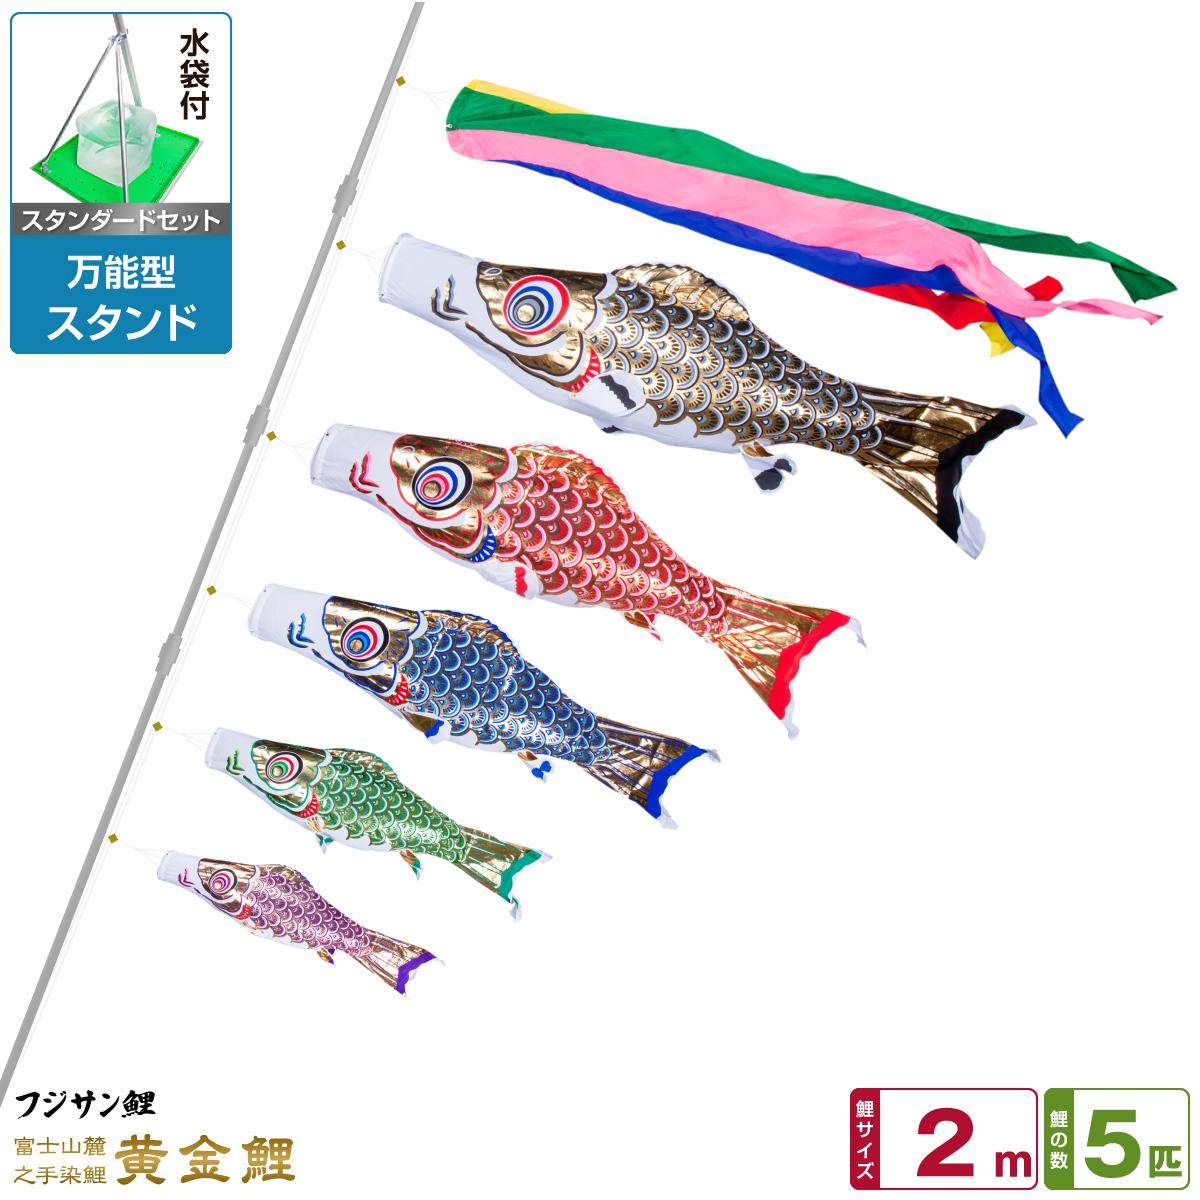 ベランダ用 こいのぼり 鯉のぼり フジサン鯉 黄金鯉 2m 8点(吹流し+鯉5匹+矢車+ロープ)/スタンダードセット(万能スタンド)